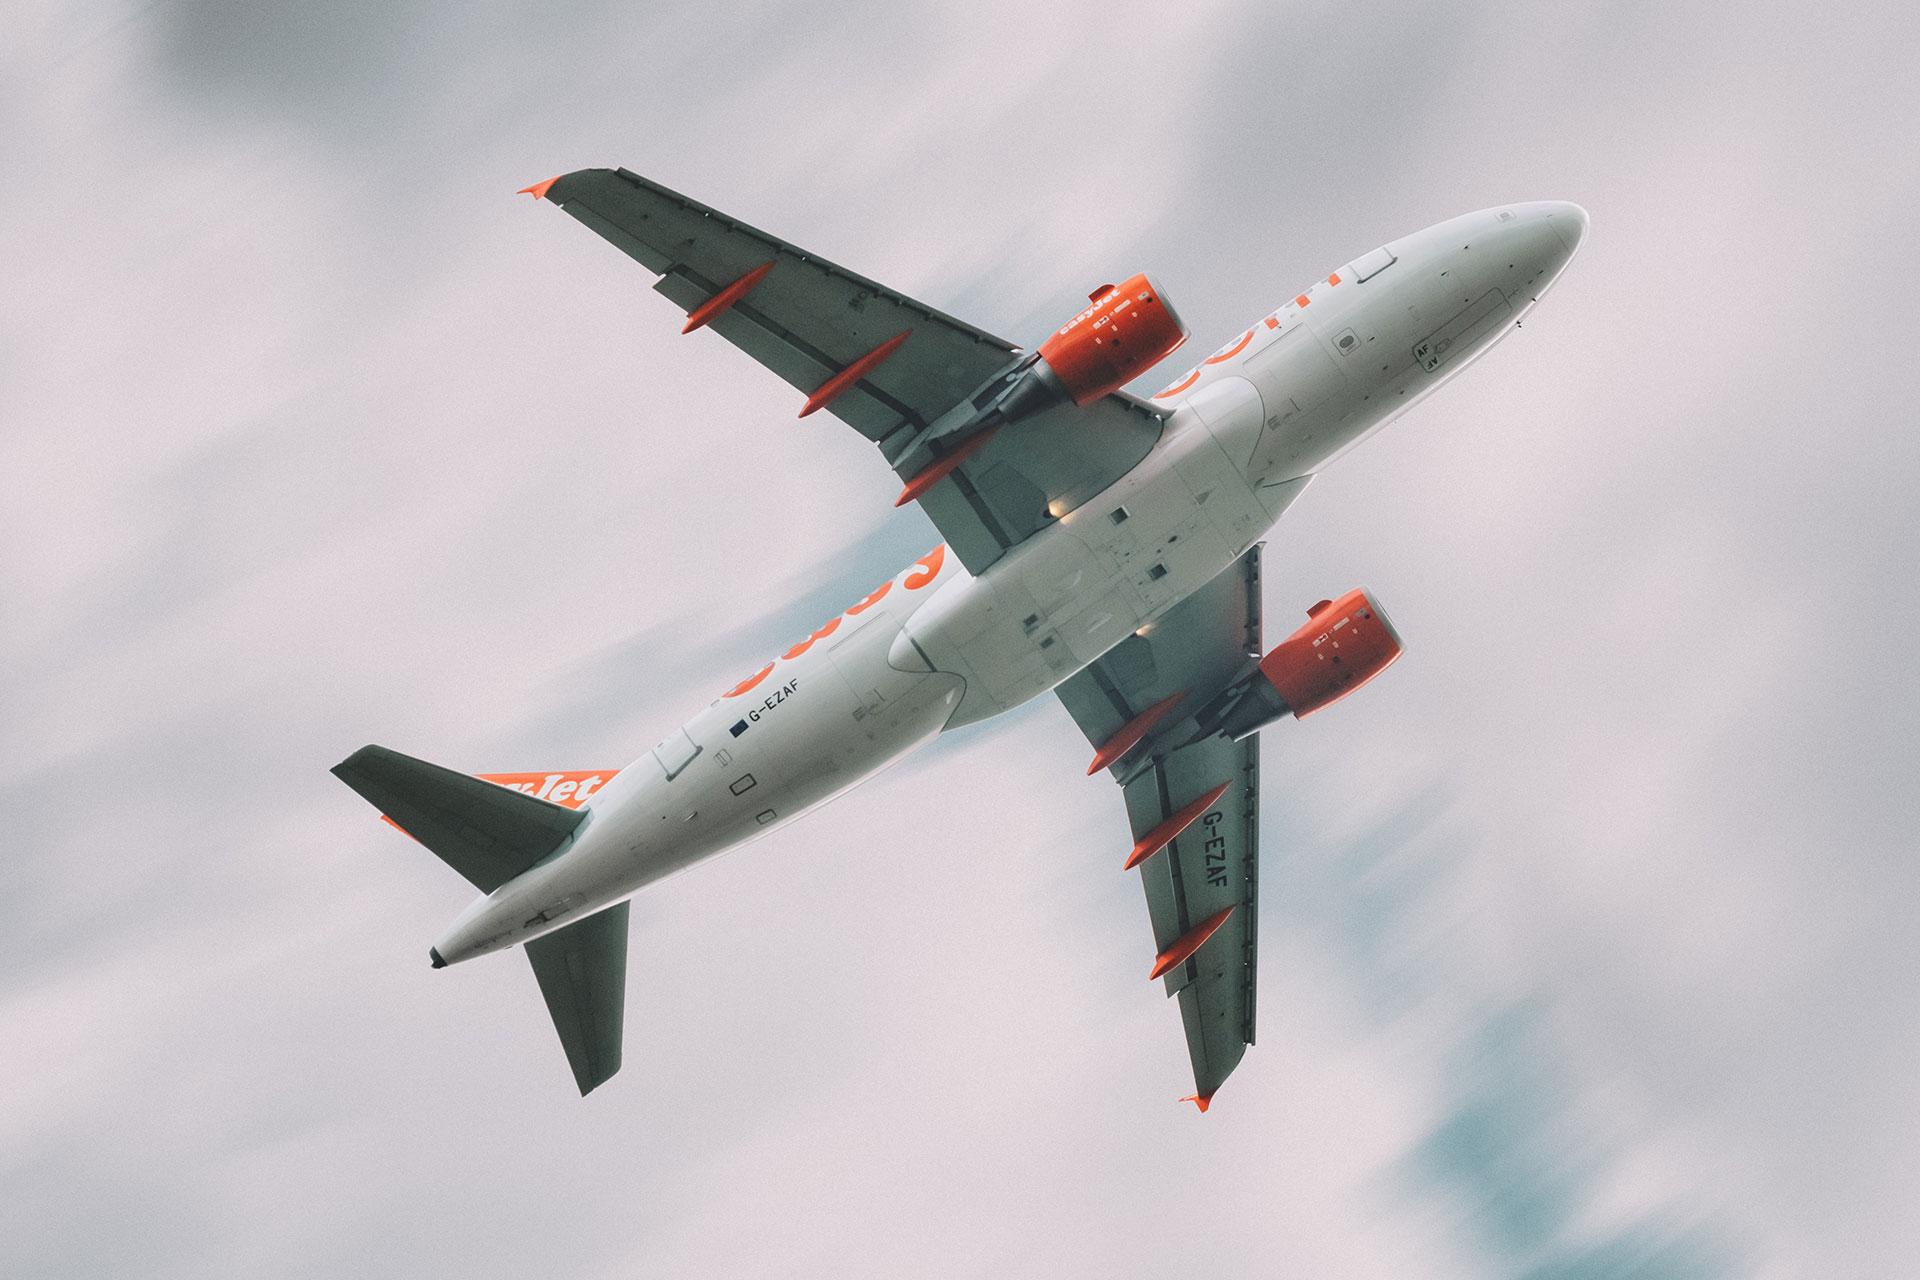 Easyjet Flight tracker